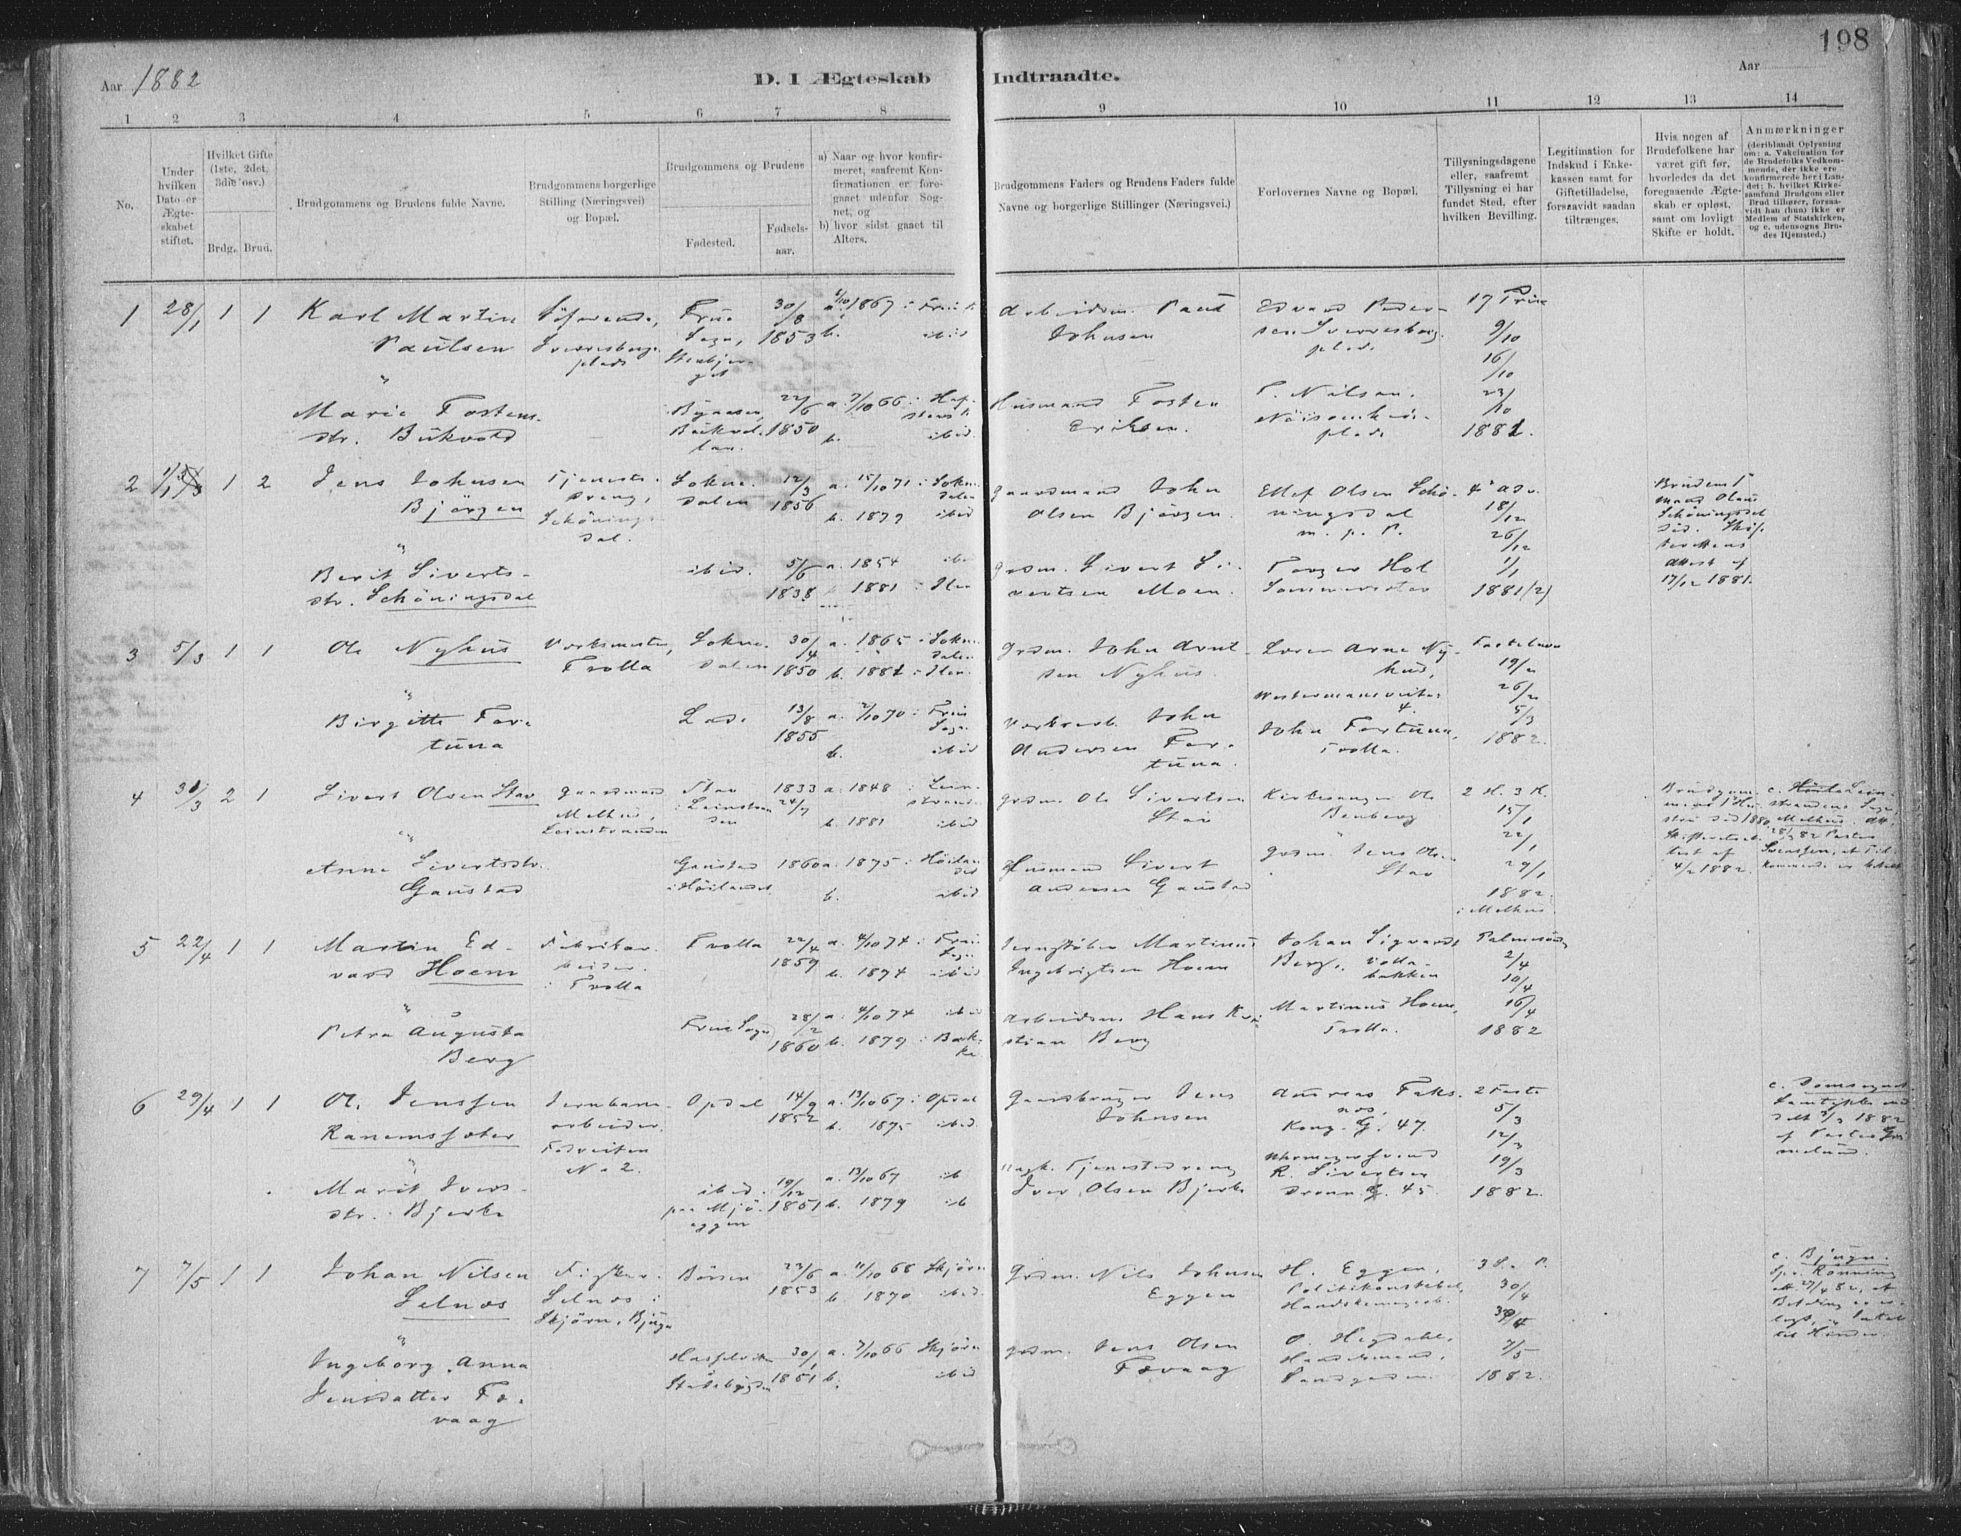 SAT, Ministerialprotokoller, klokkerbøker og fødselsregistre - Sør-Trøndelag, 603/L0162: Ministerialbok nr. 603A01, 1879-1895, s. 198